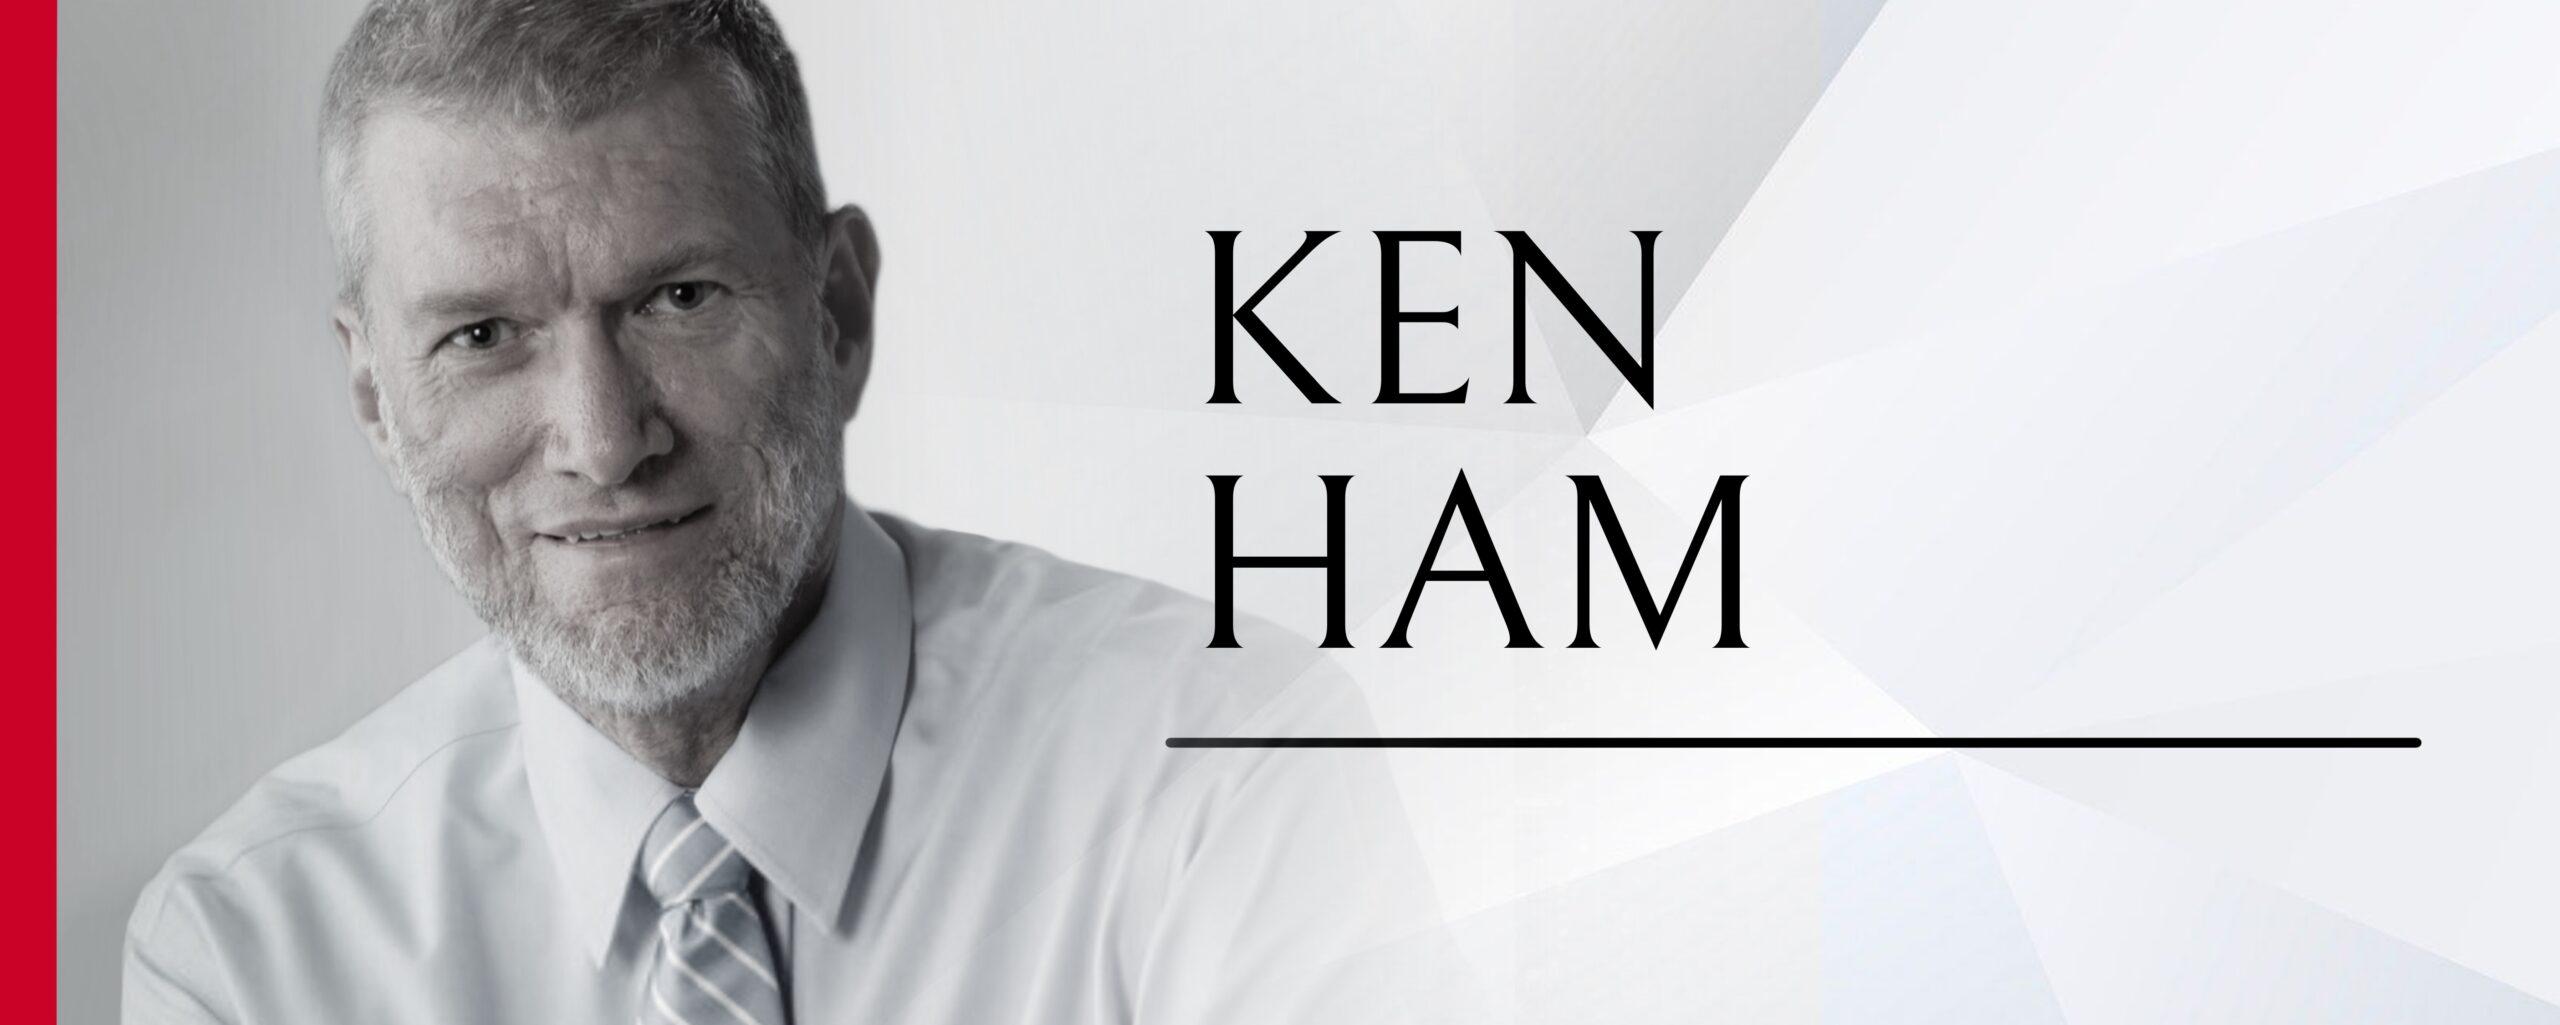 Ken Ham